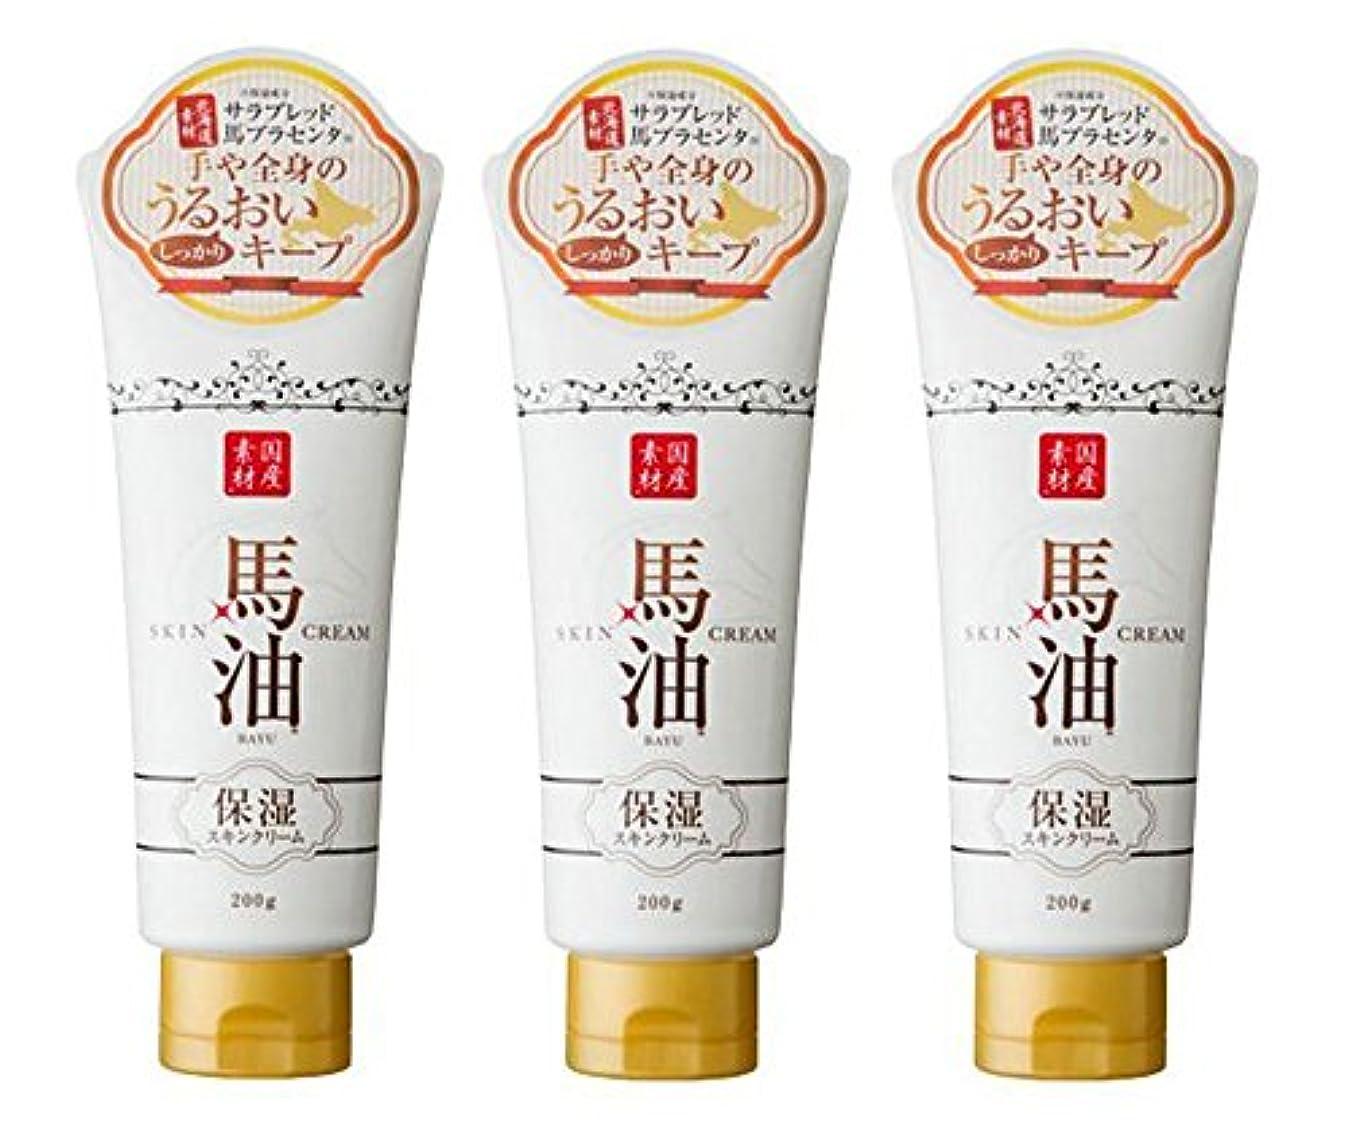 受益者バース寛容な【アイスタイル】リシャン 馬油保湿スキンクリーム さくらの香り 200g ×3個セット